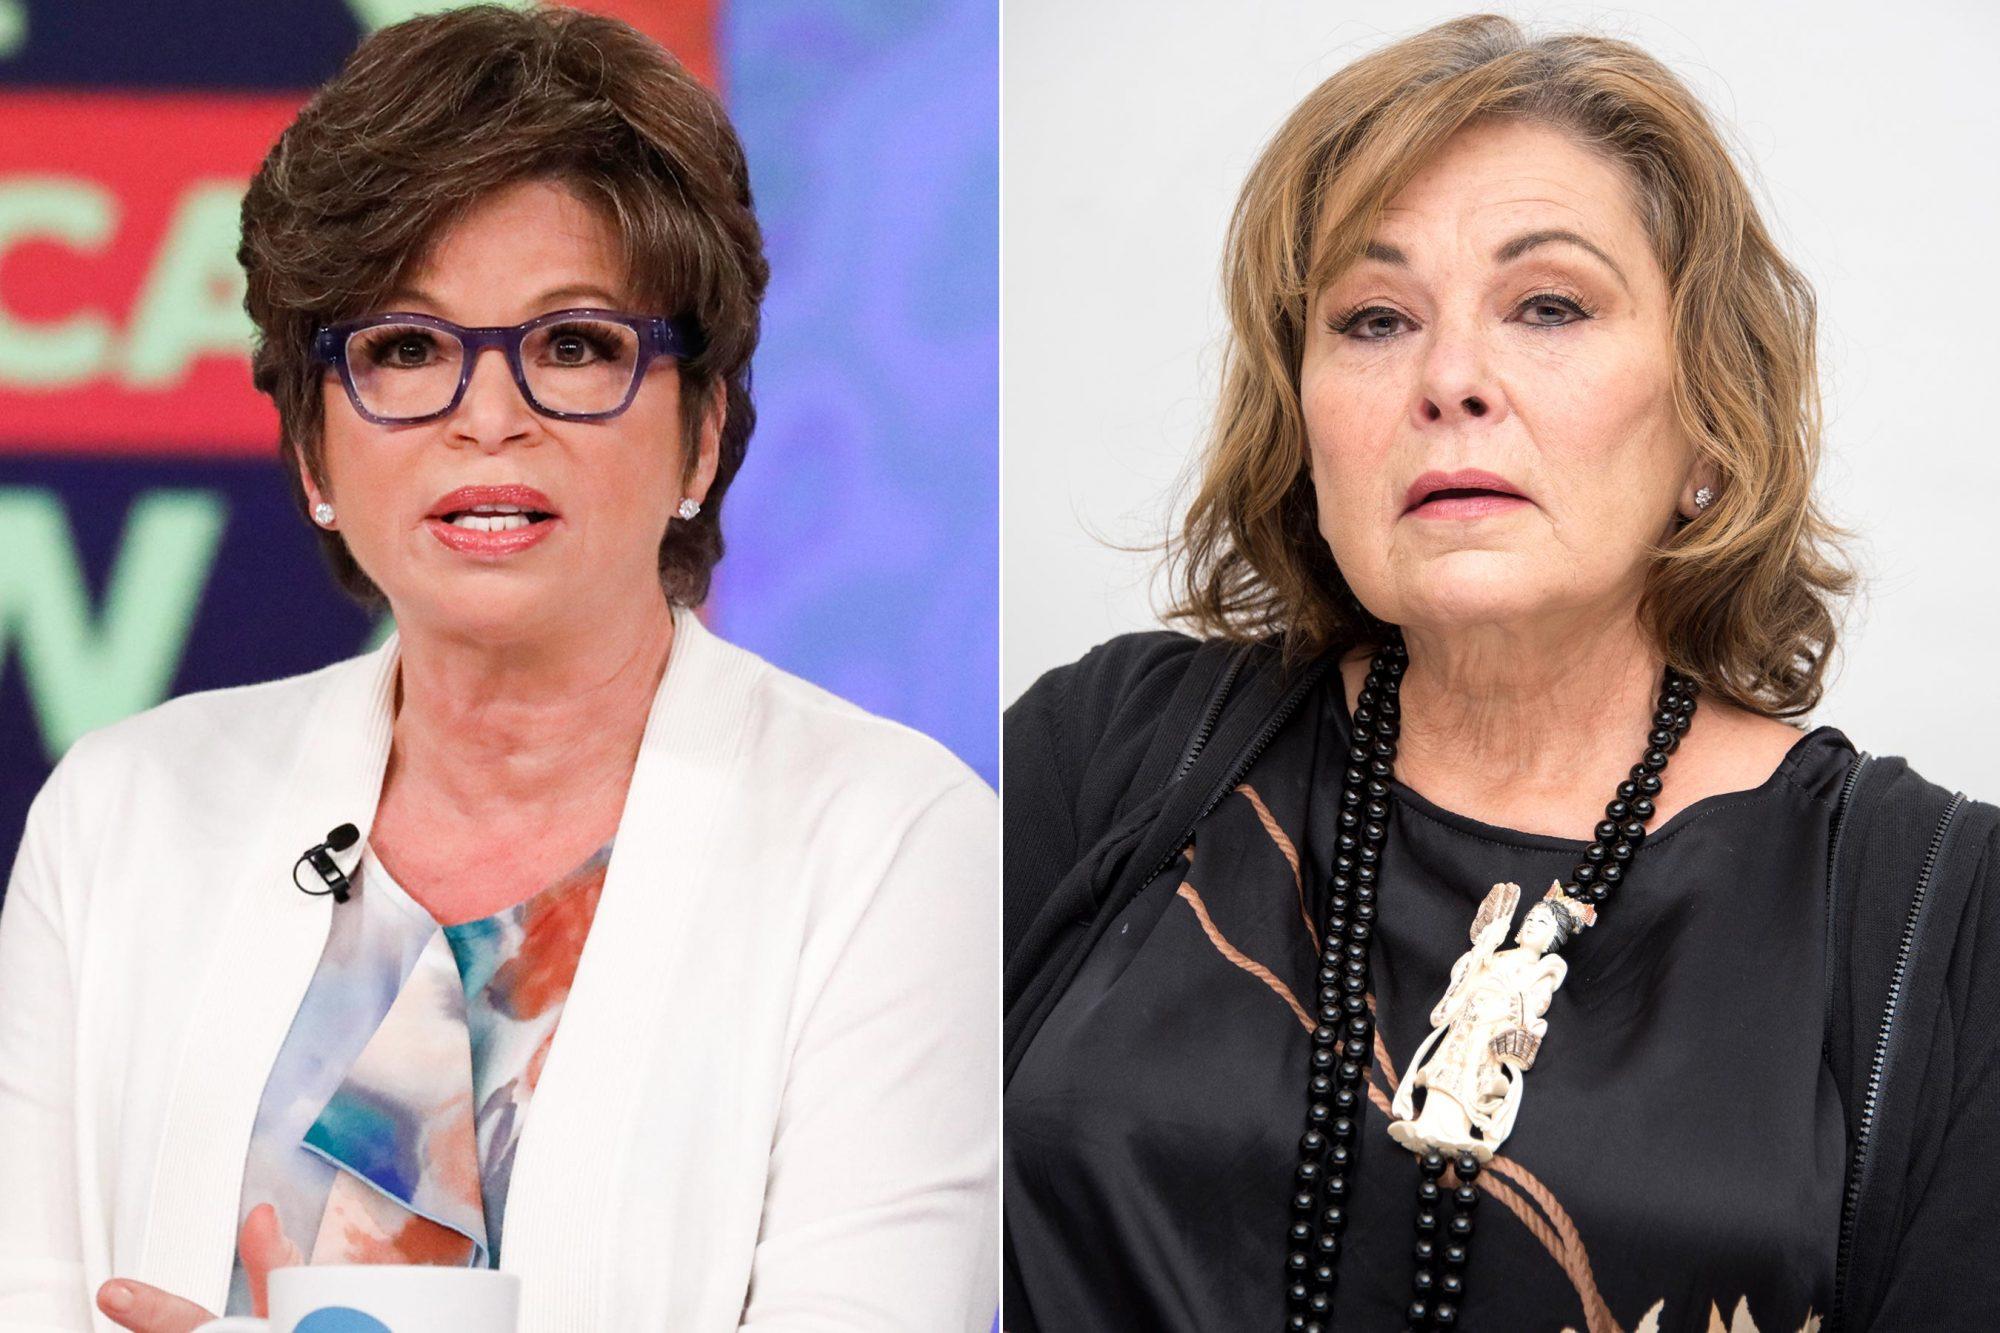 Valerie-Jarrett-Roseanne-Barr